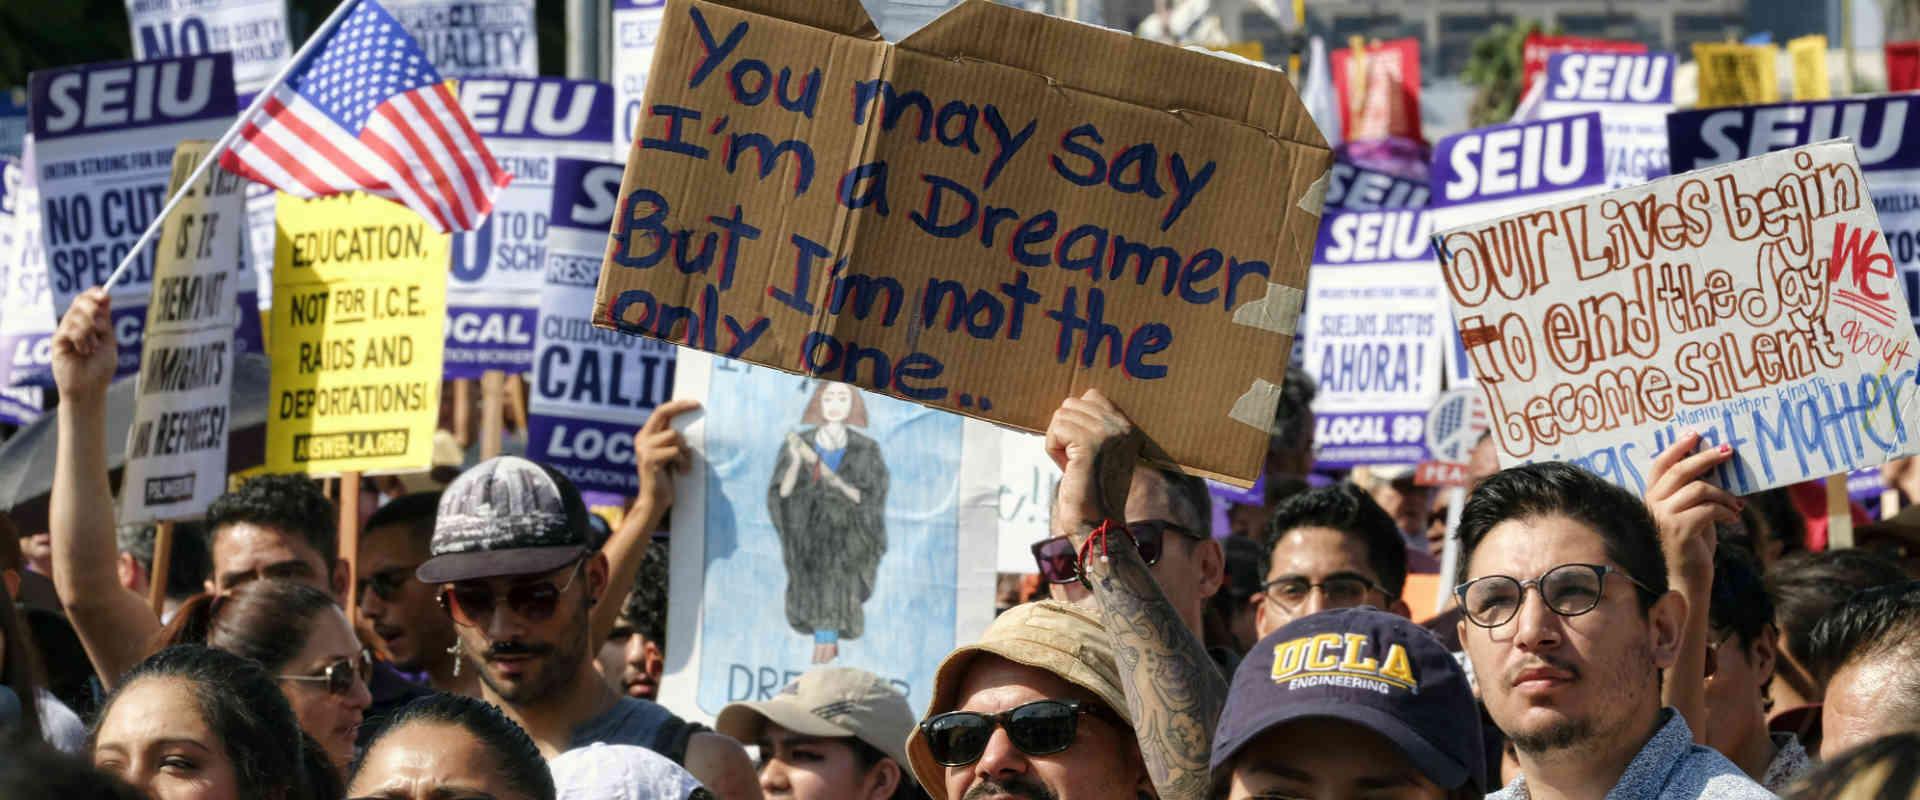 מפגינים נגד ביטול תוכנית DACA. השבוע בלוס אנג'לס